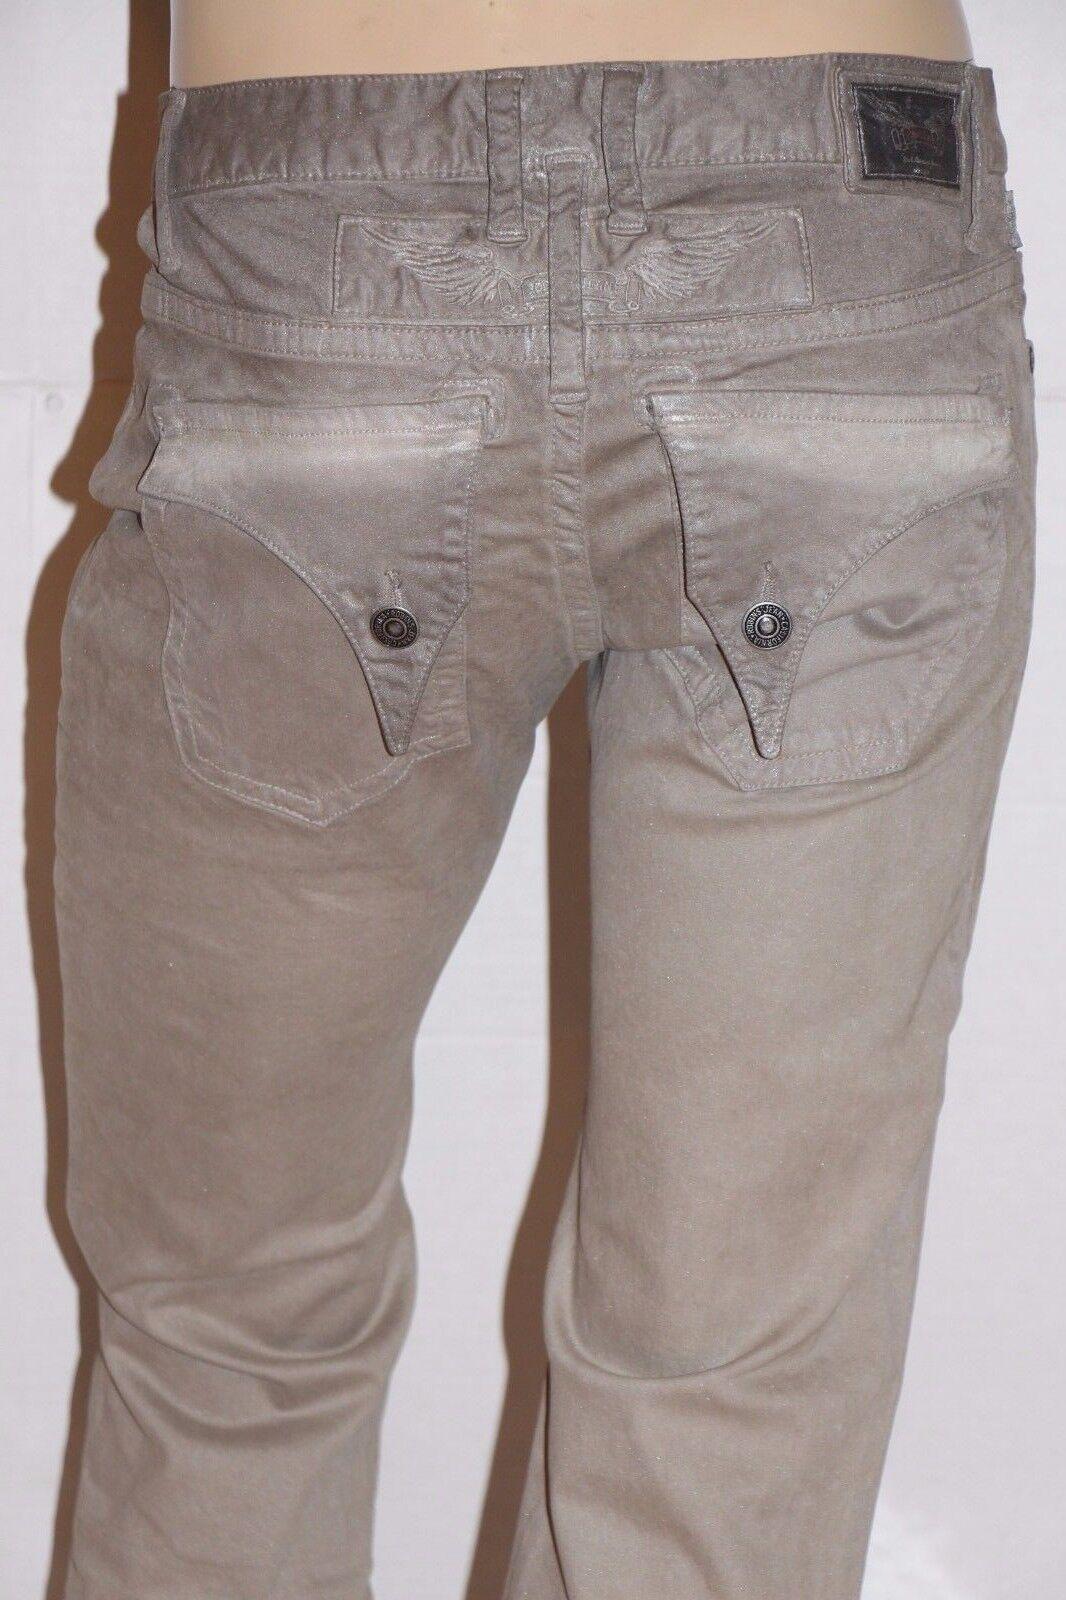 Neu Herren Herren Herren ROTKEHLCHEN Jeans Stil  SP5687LF Lang Überschlag Gerades Bein | Lass unsere Waren in die Welt gehen  | Ausgewählte Materialien  451566